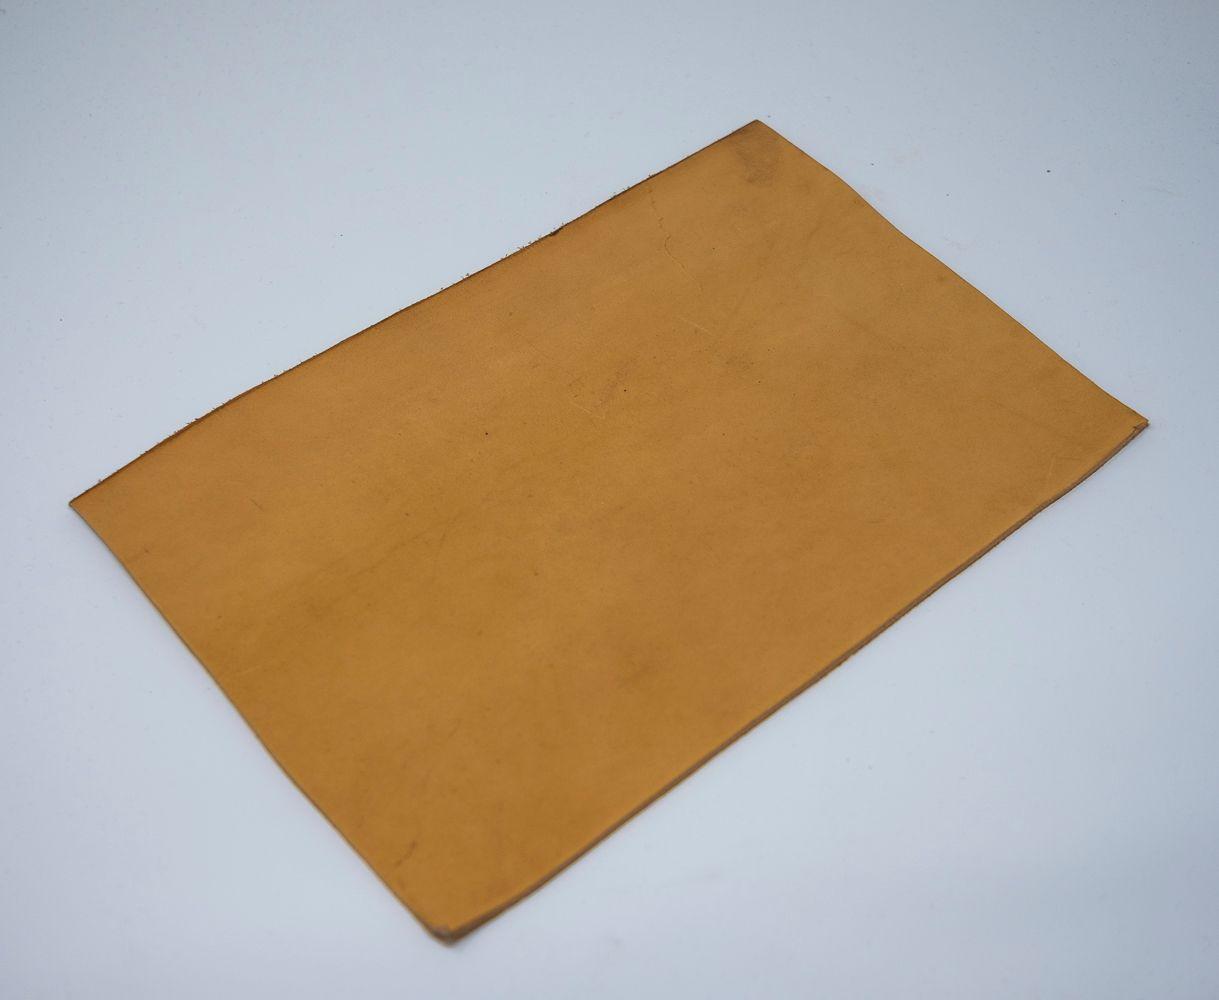 Blankleder - Leder für Messerscheiden